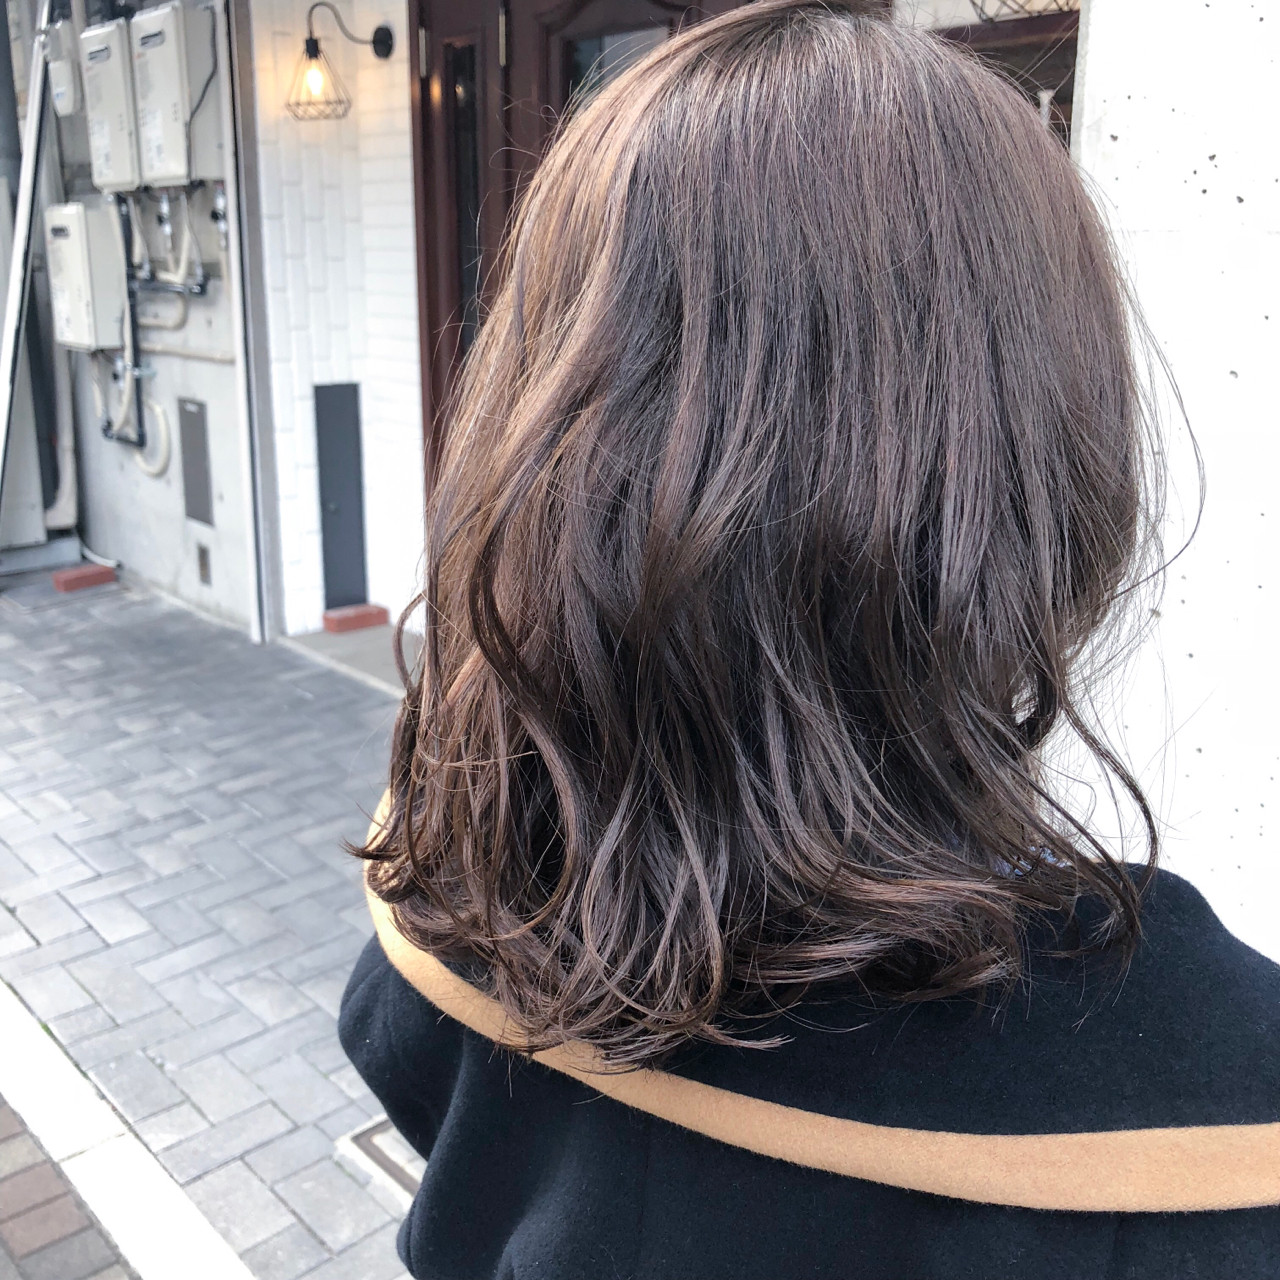 ナチュラル グレージュ 外国人風カラー デート ヘアスタイルや髪型の写真・画像